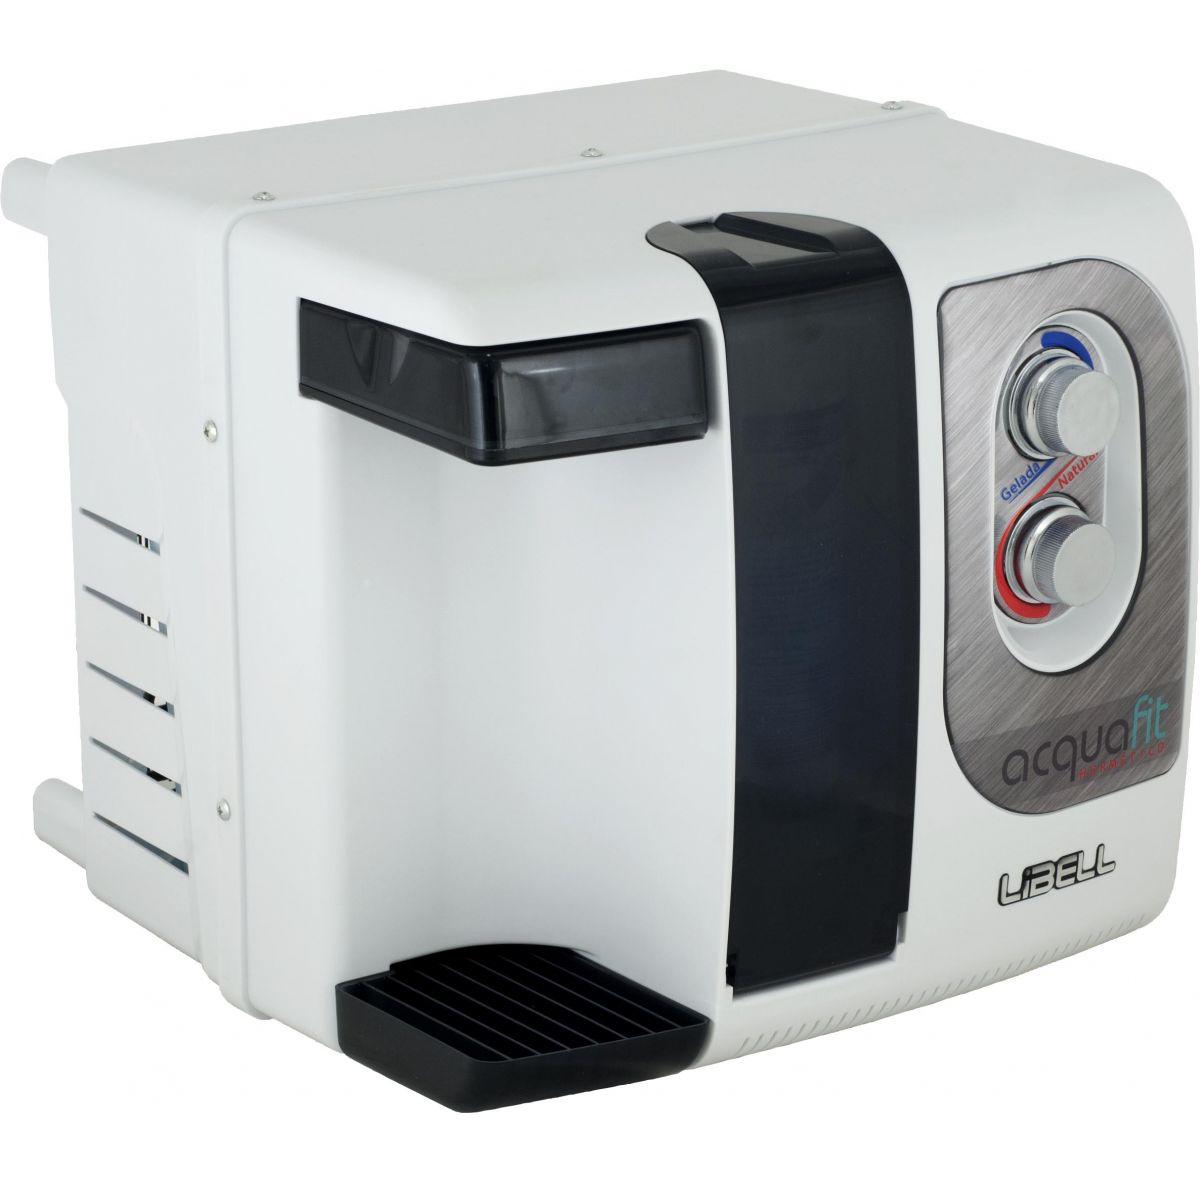 Purificador Hermético Branco Libell Acqua-Fit 127V Compacto, 3 etapas de filtragem